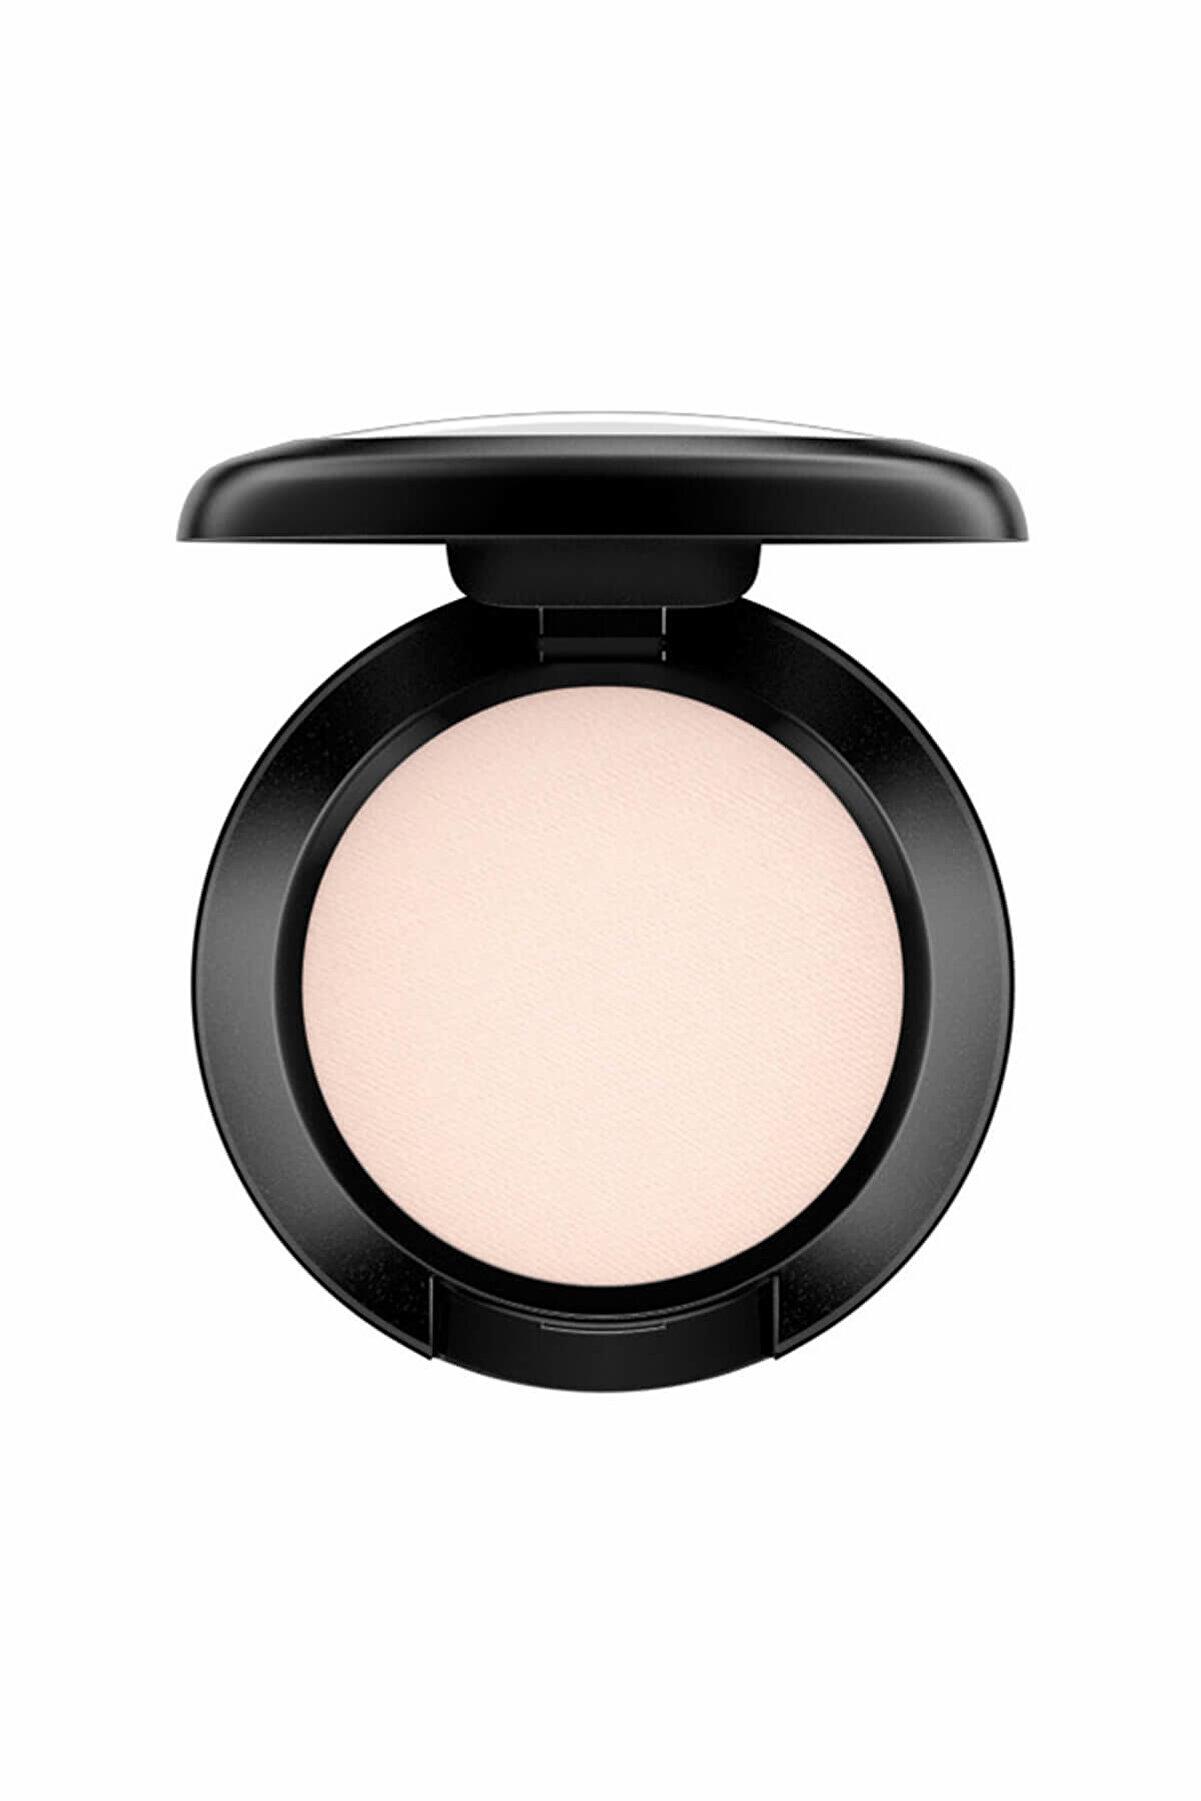 Mac Göz Farı - Eye Shadow Blanc Type 1.5 g 773602134021